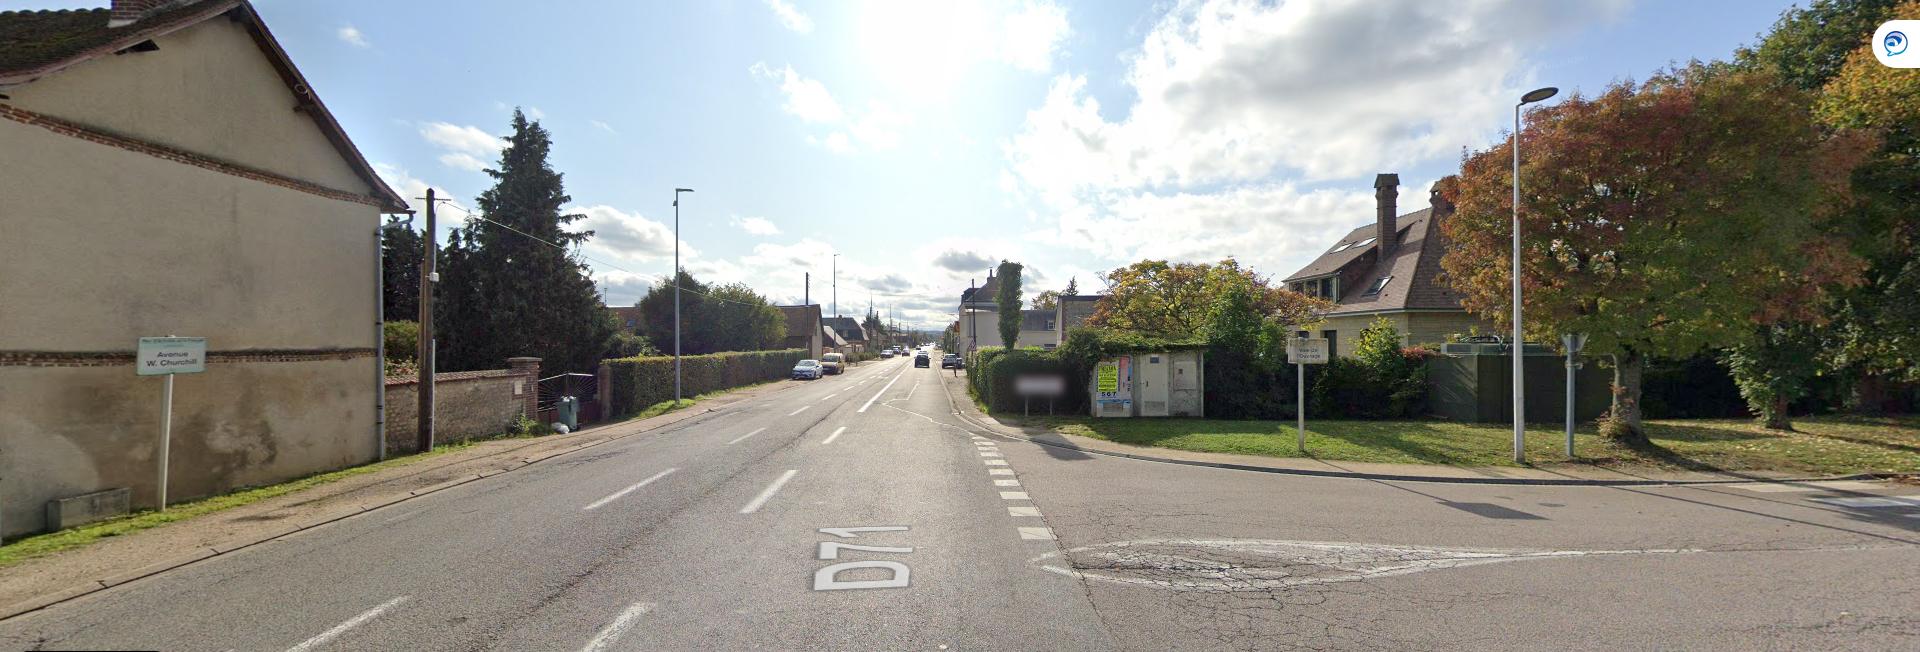 6 mois de déviation avenue W. Churchill à Louviers